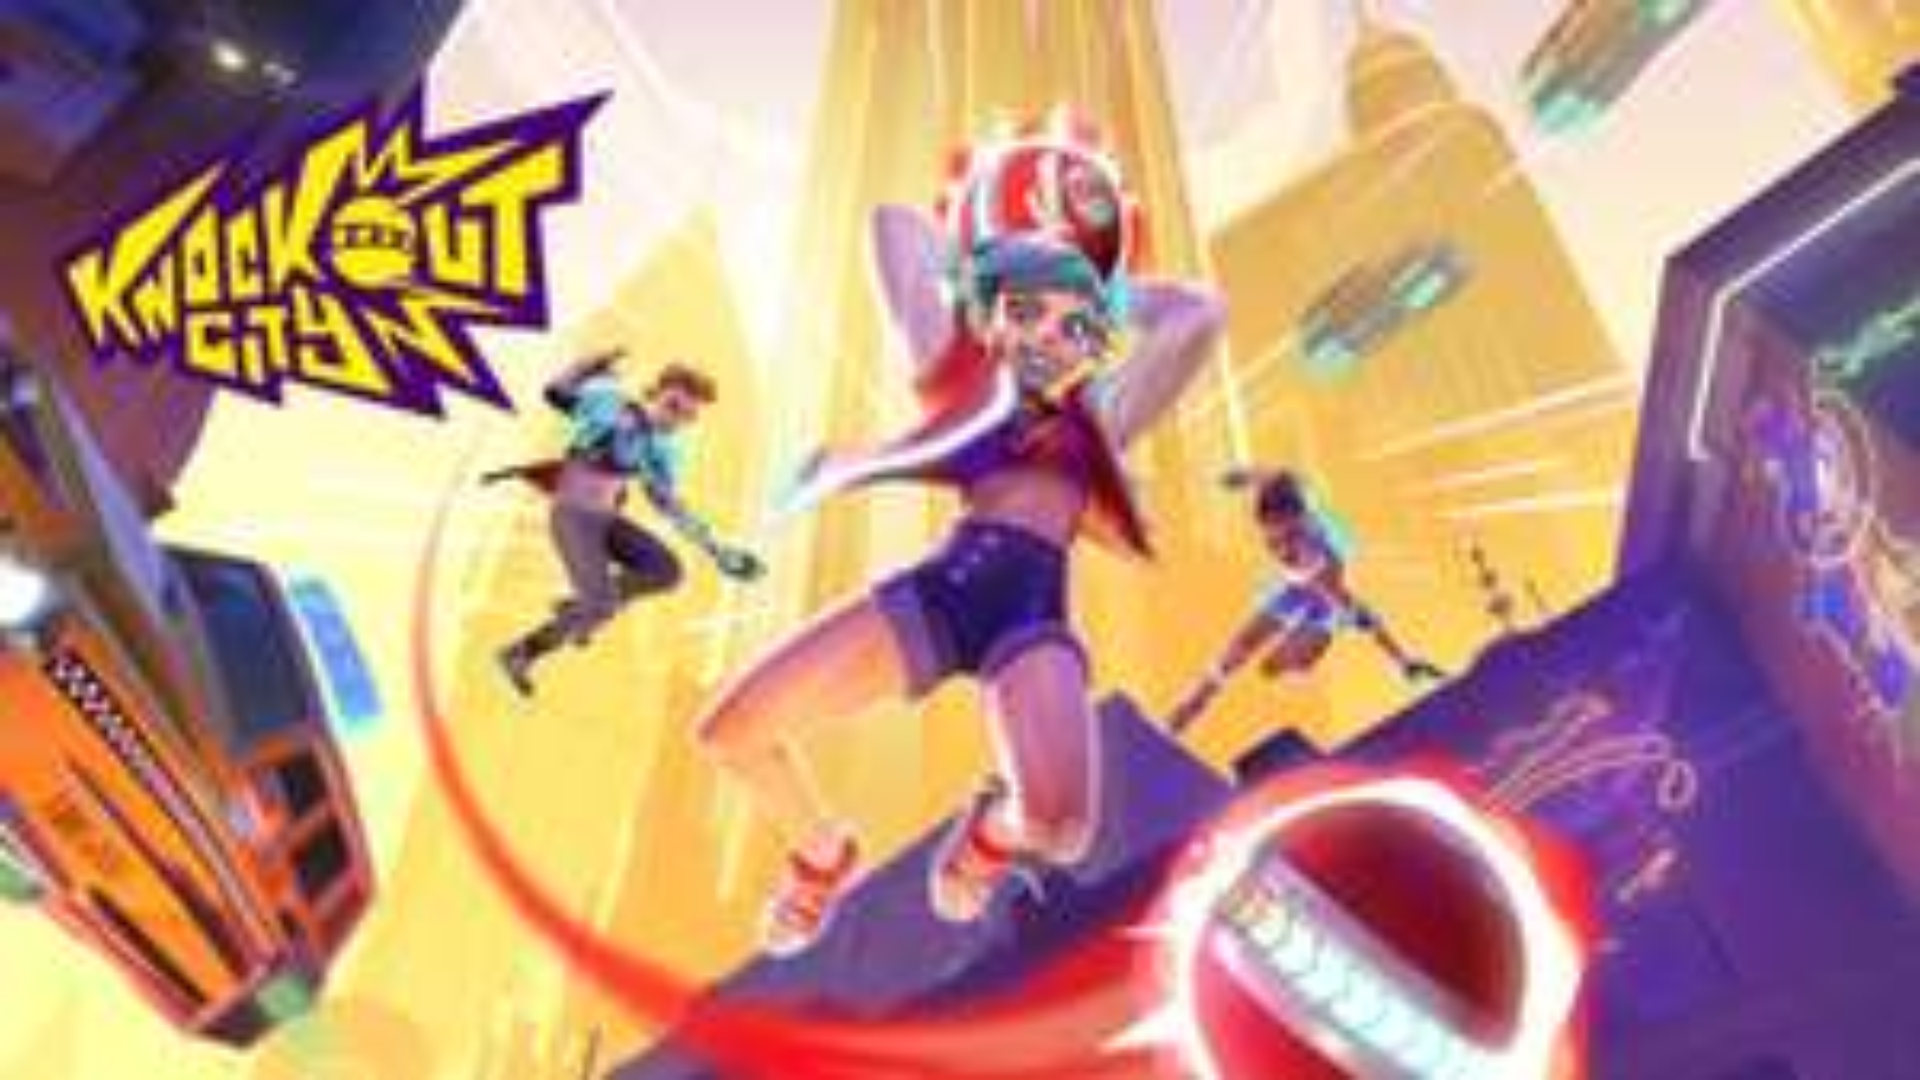 Knockout City Gratis voor Game Pass leden op launch (21 mei)